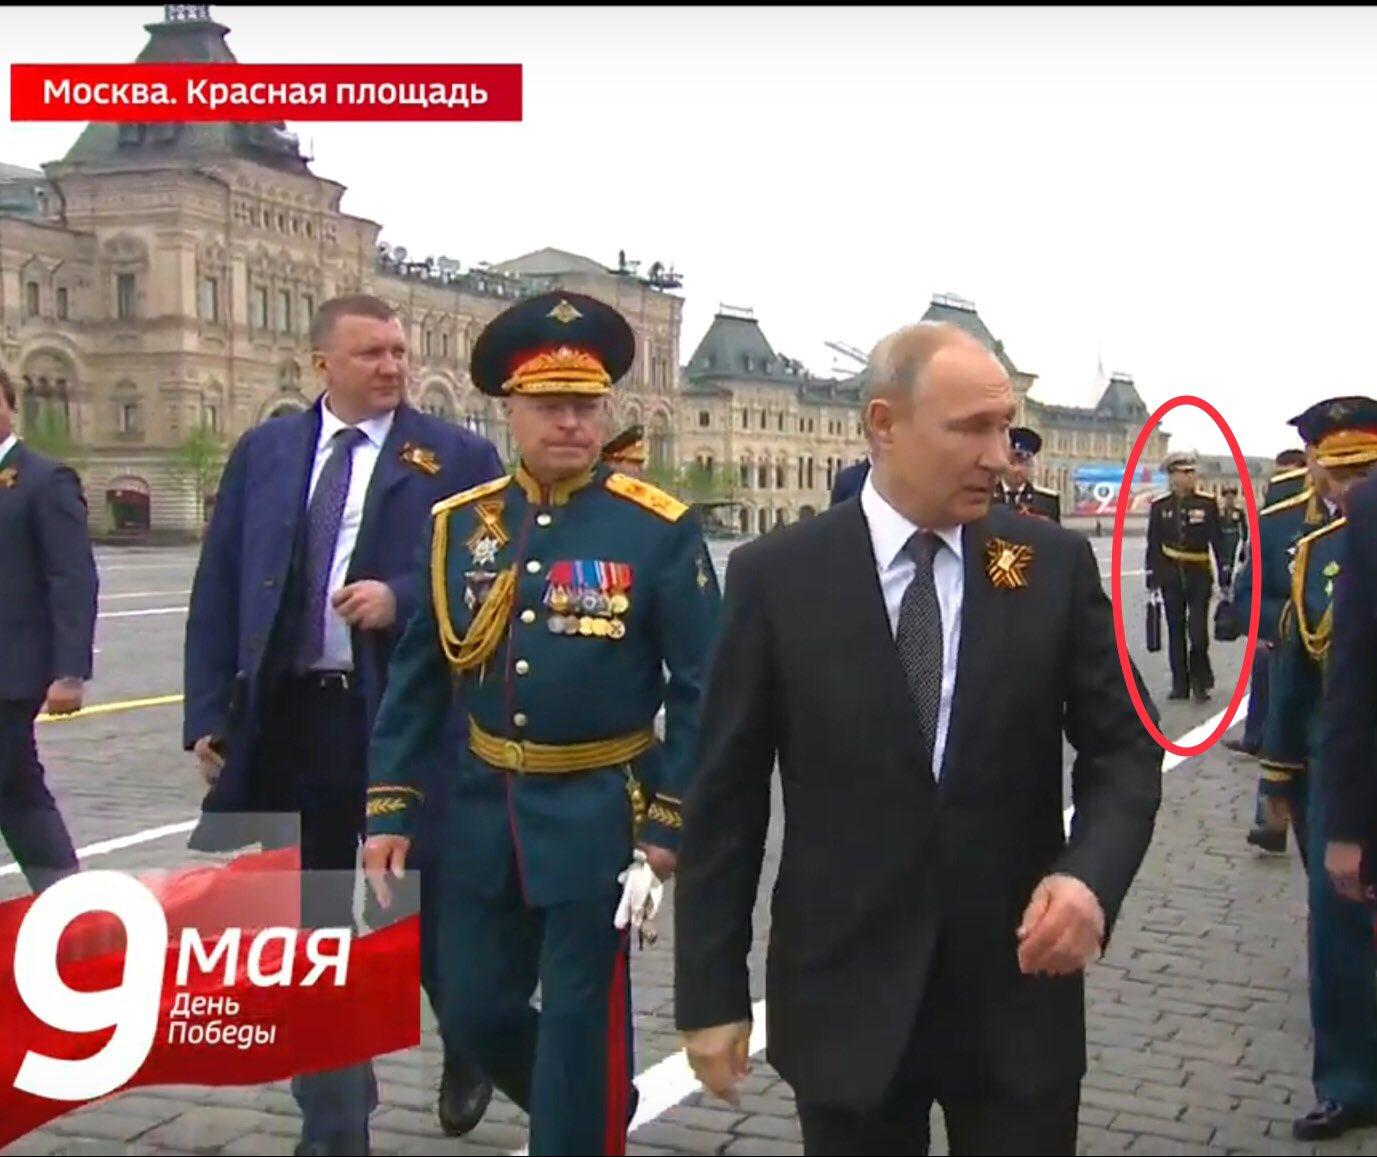 הנשיא פוטין מסתובב בכל מקום עם מזזודה לשיגור טילים גרעינים בשעת חירום D6IEZDHW0AEQEp1?format=jpg&name=large